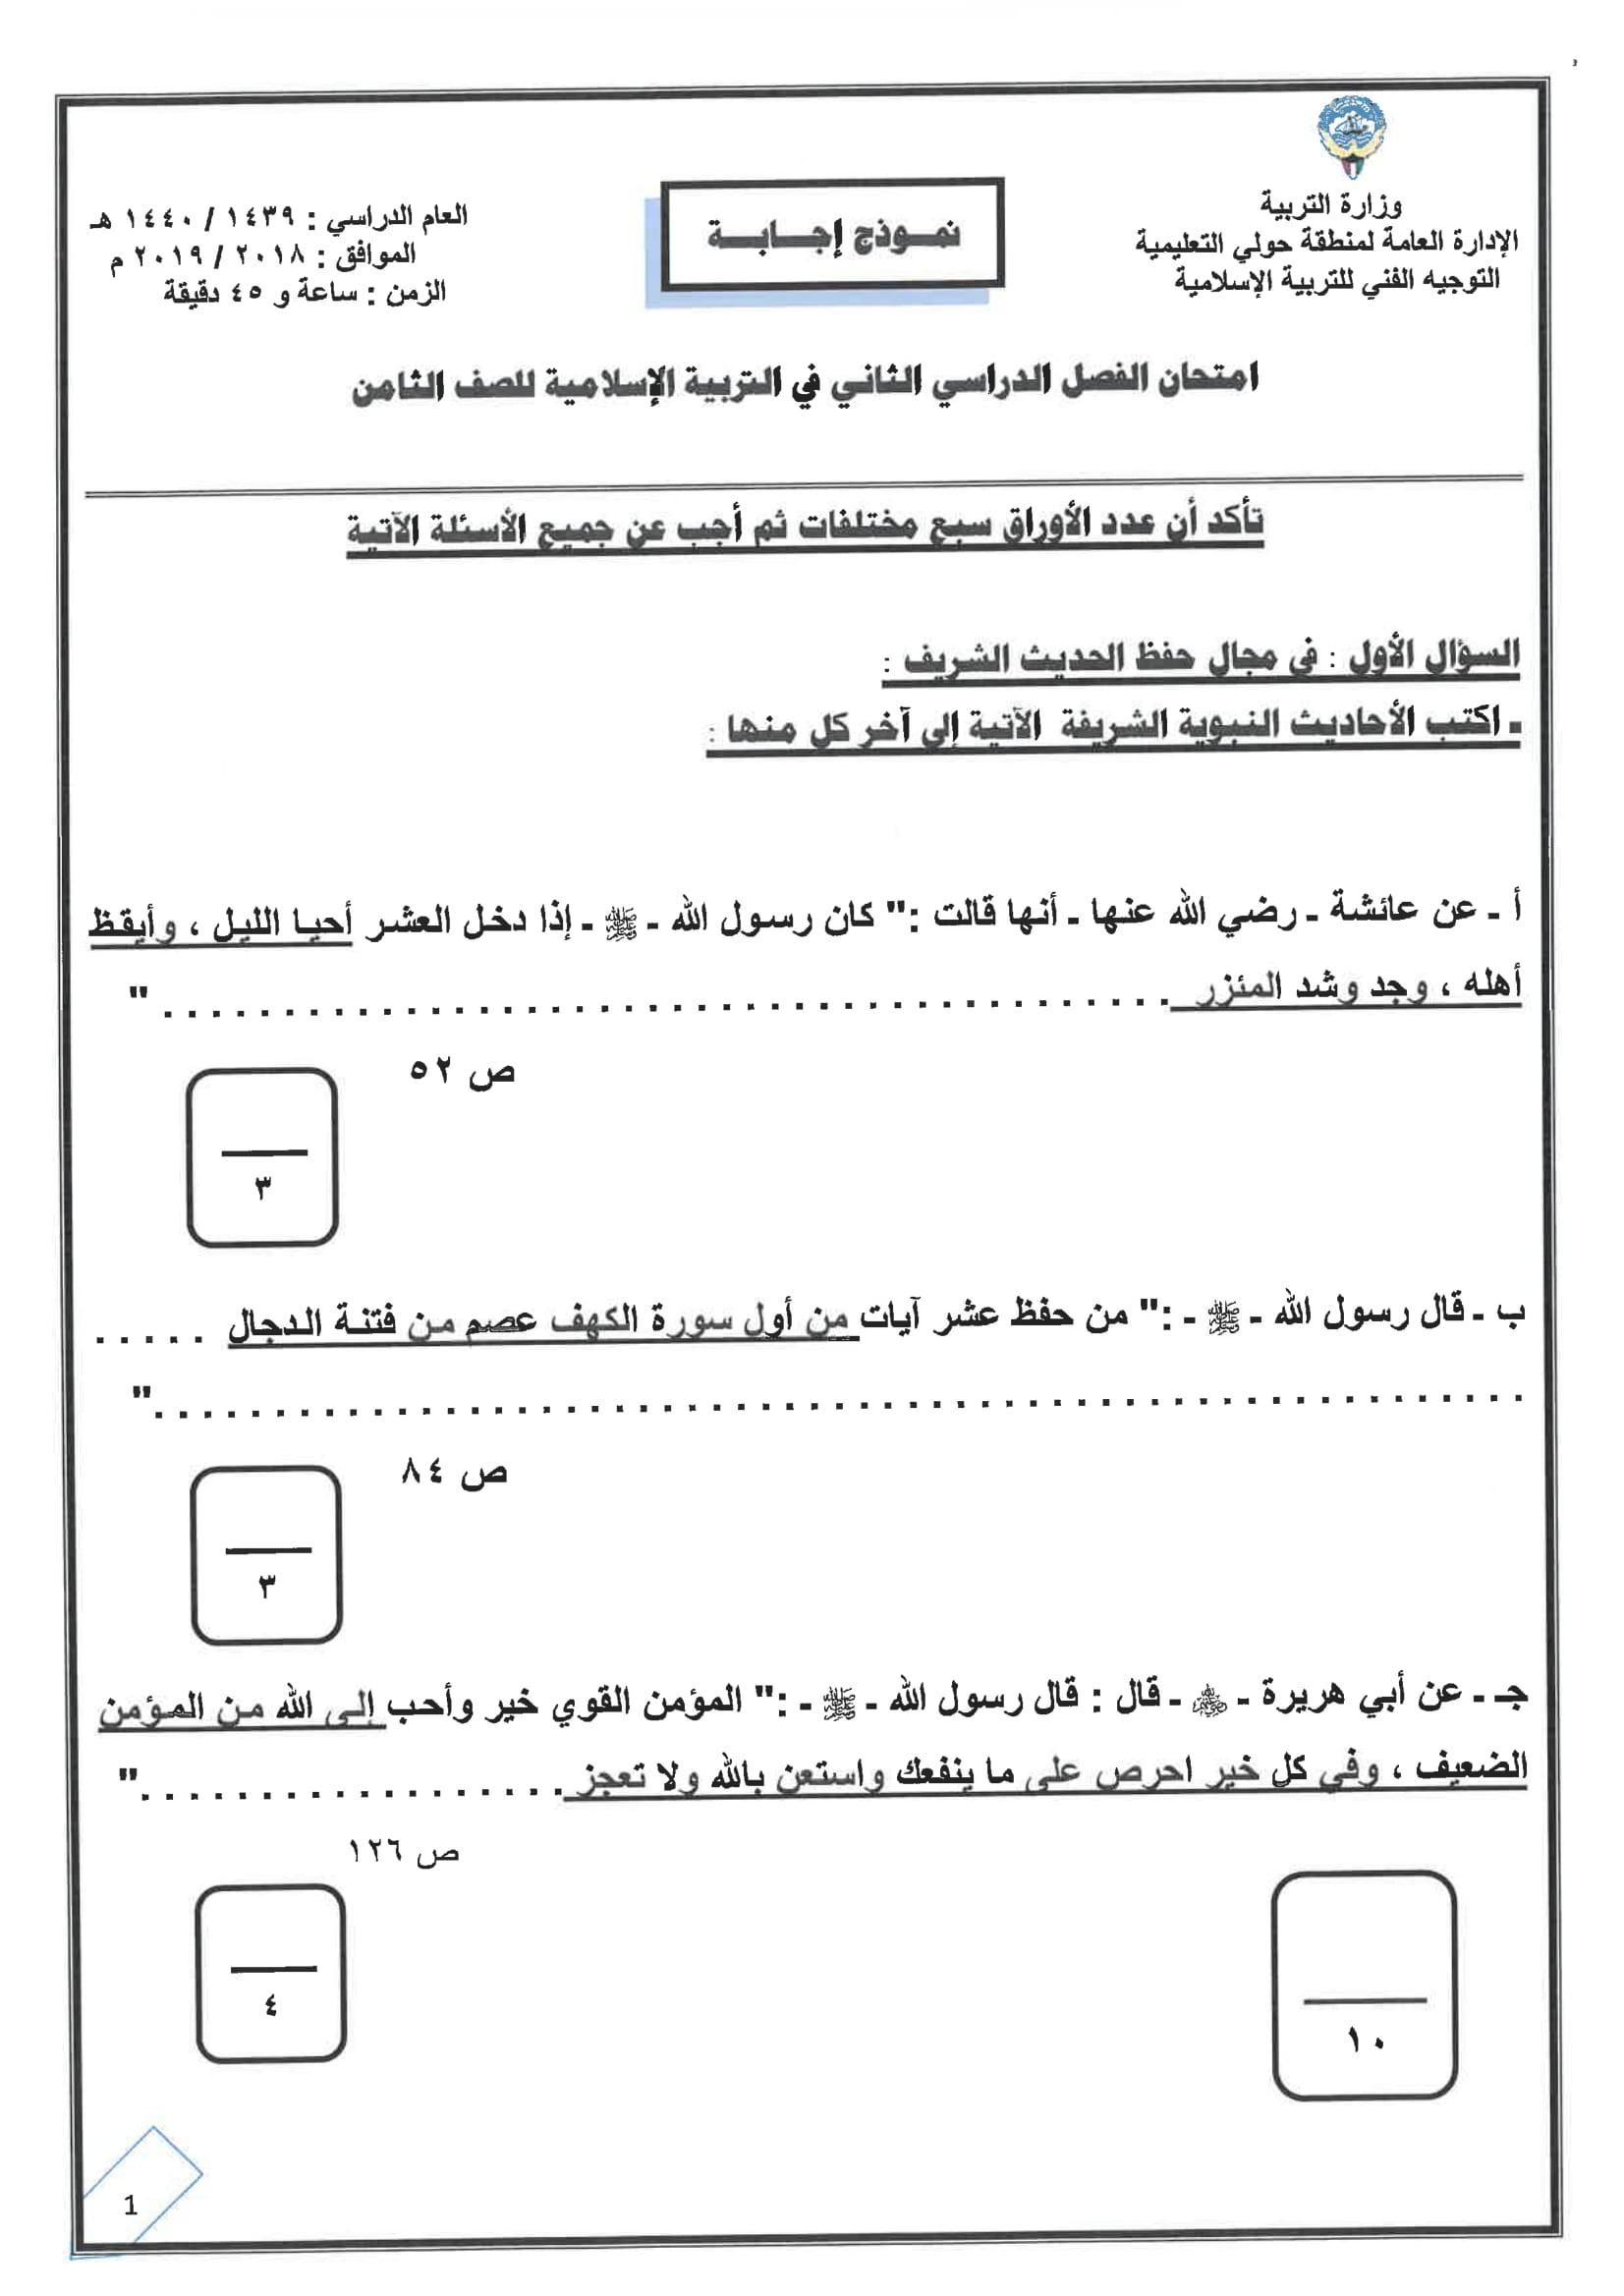 نموذج اجابة اختبار مادةالتربية الإسلامية الثامن الفصل الثاني